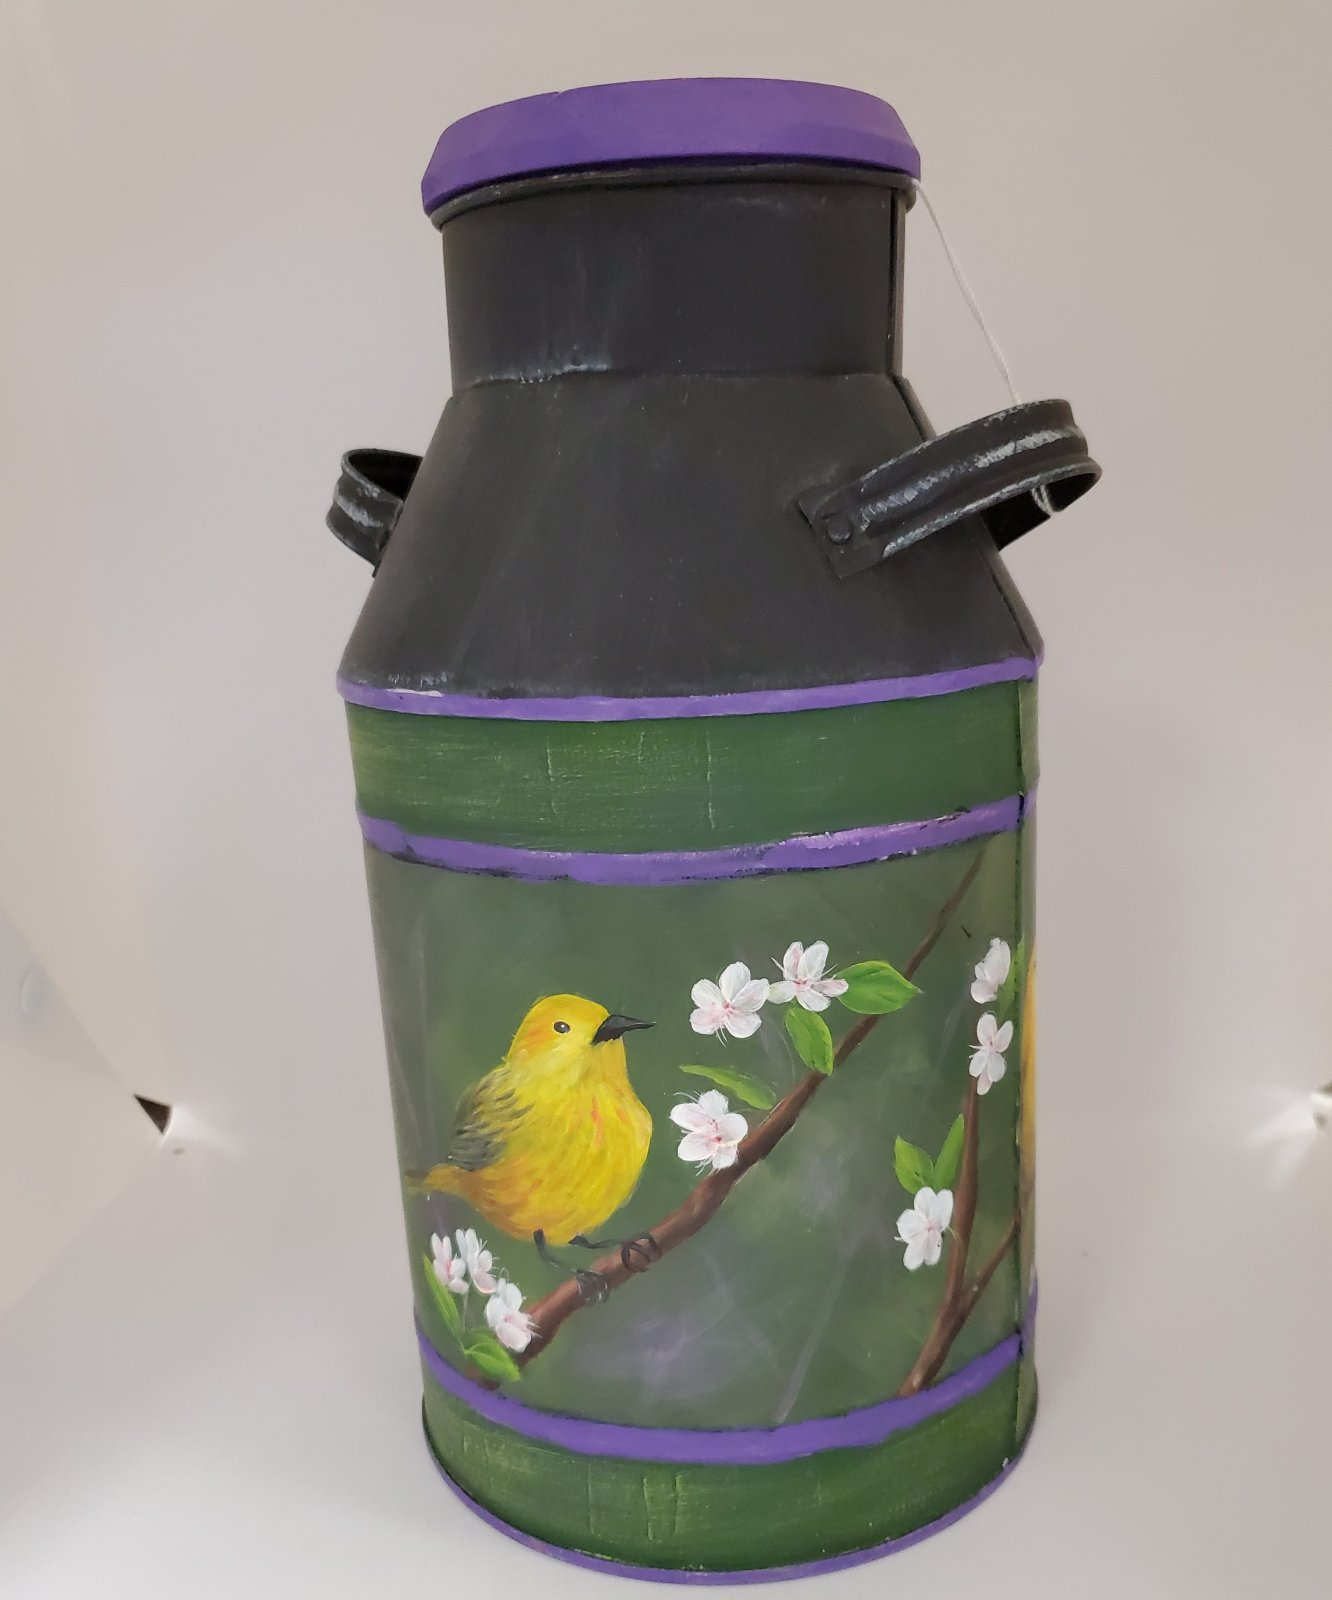 15 -bird seed can